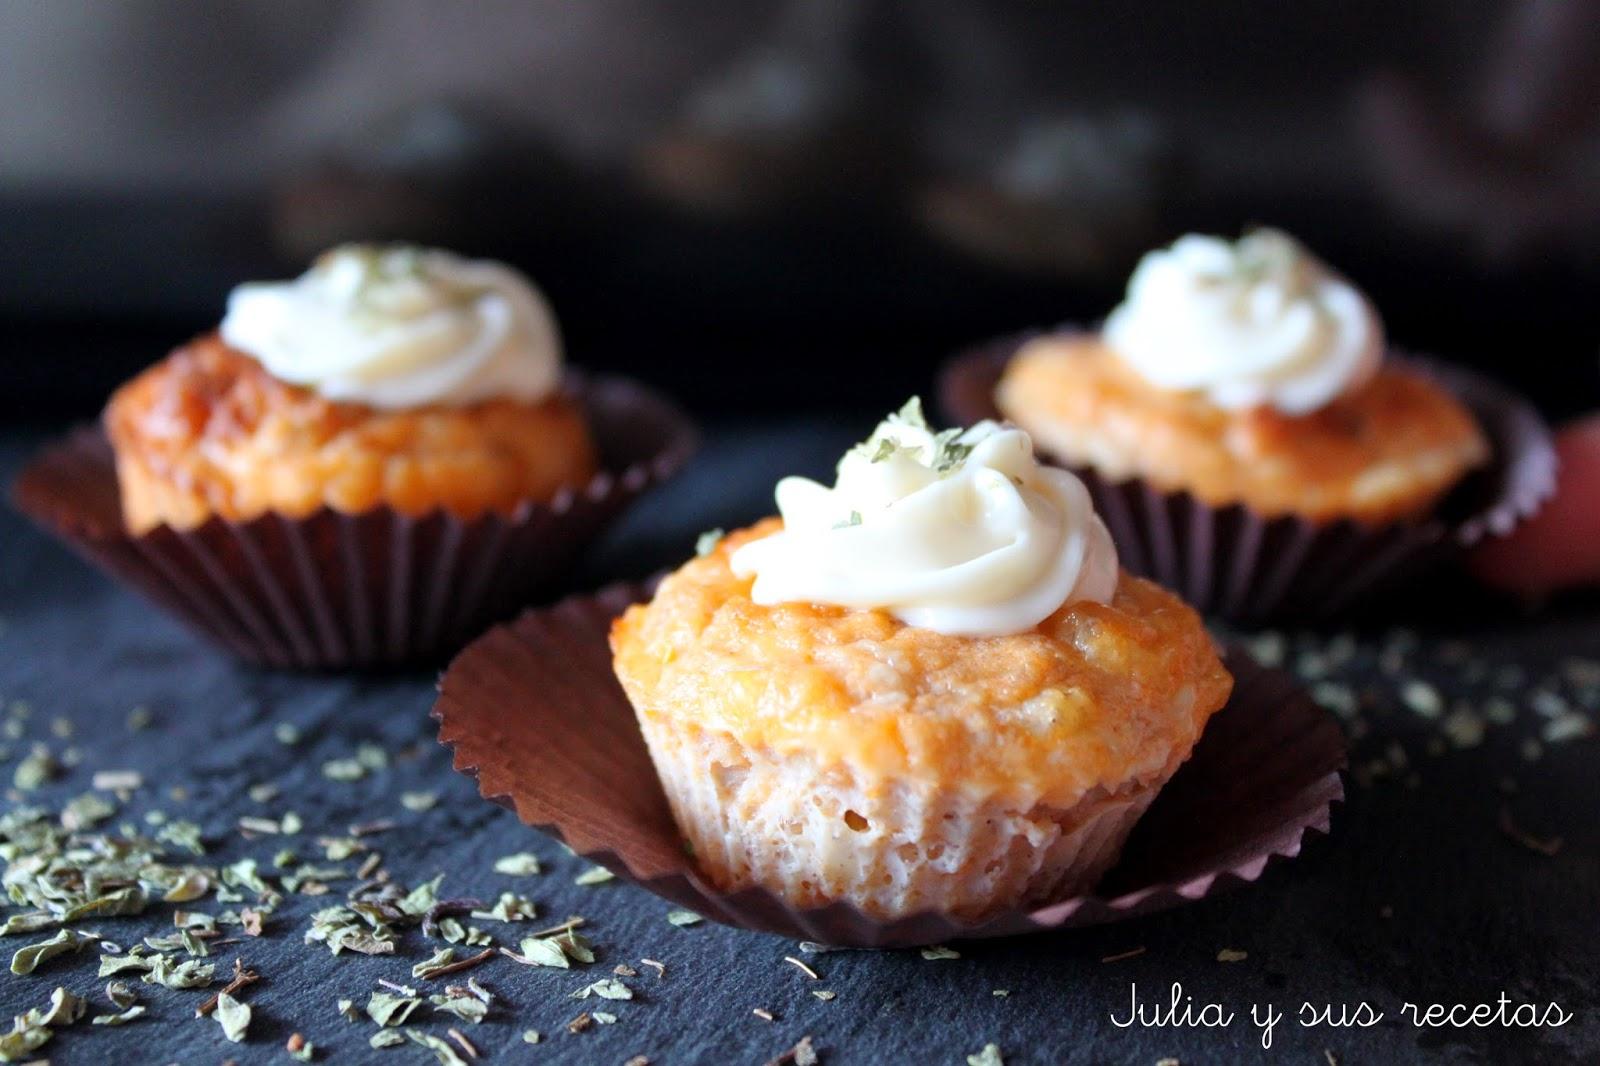 Muffins de atún y tomate. Julia y sus recetas